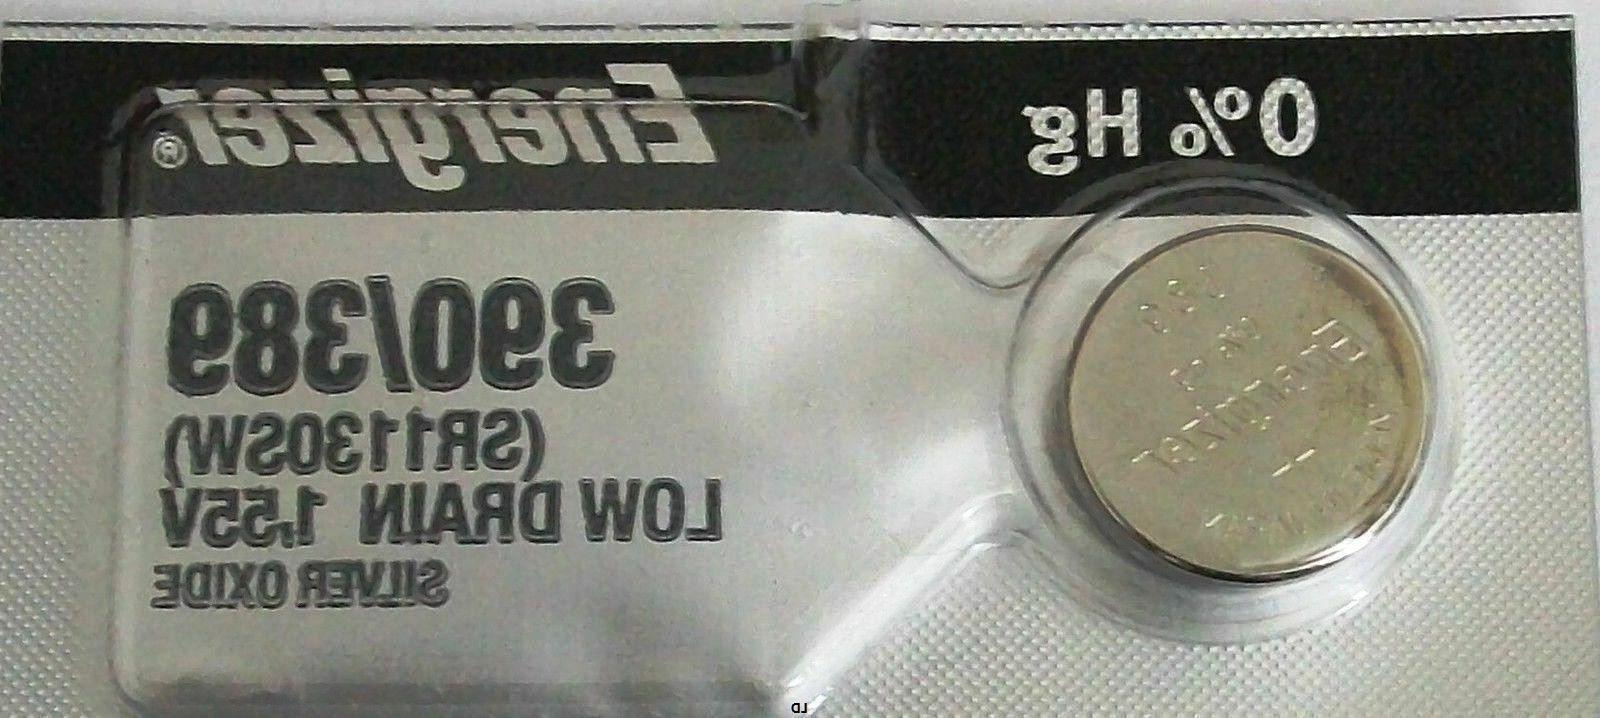 silver oxide 189